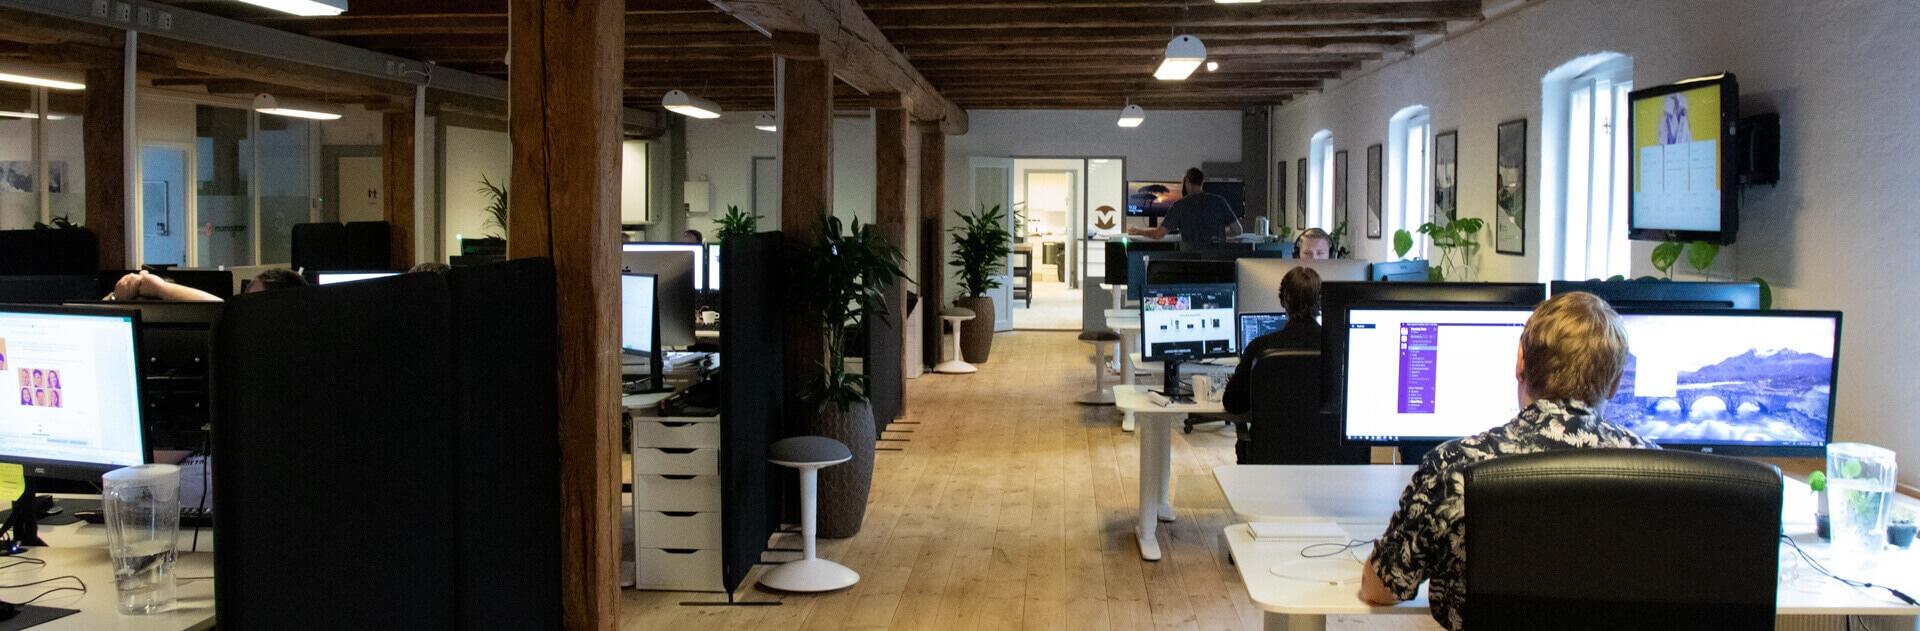 Morningtrains kontor i Odense har erfarene medarbejdere som arbejder daglit med linkbuilding